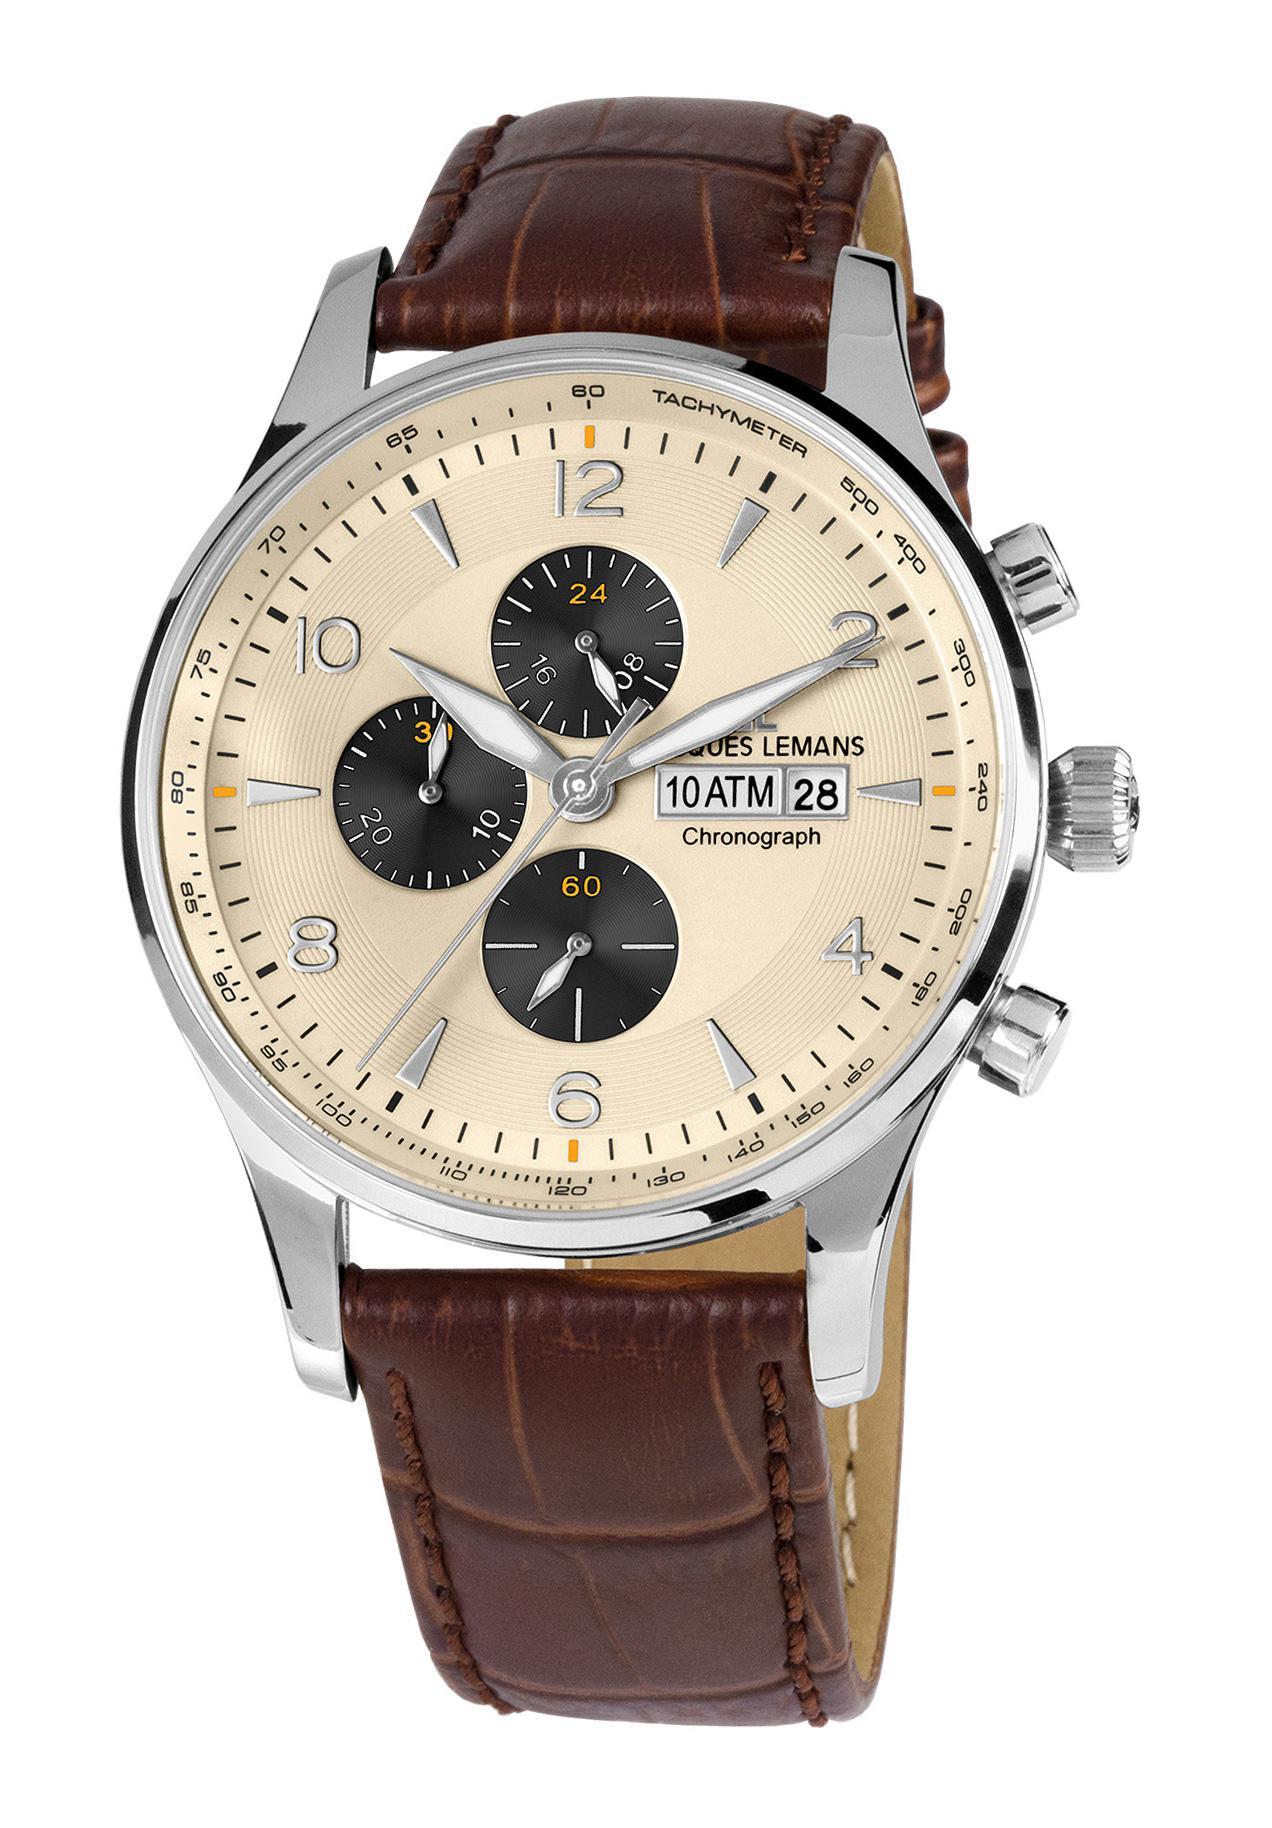 Jacques Lemans Herrenchronograph London 1-1844C nur 149,00